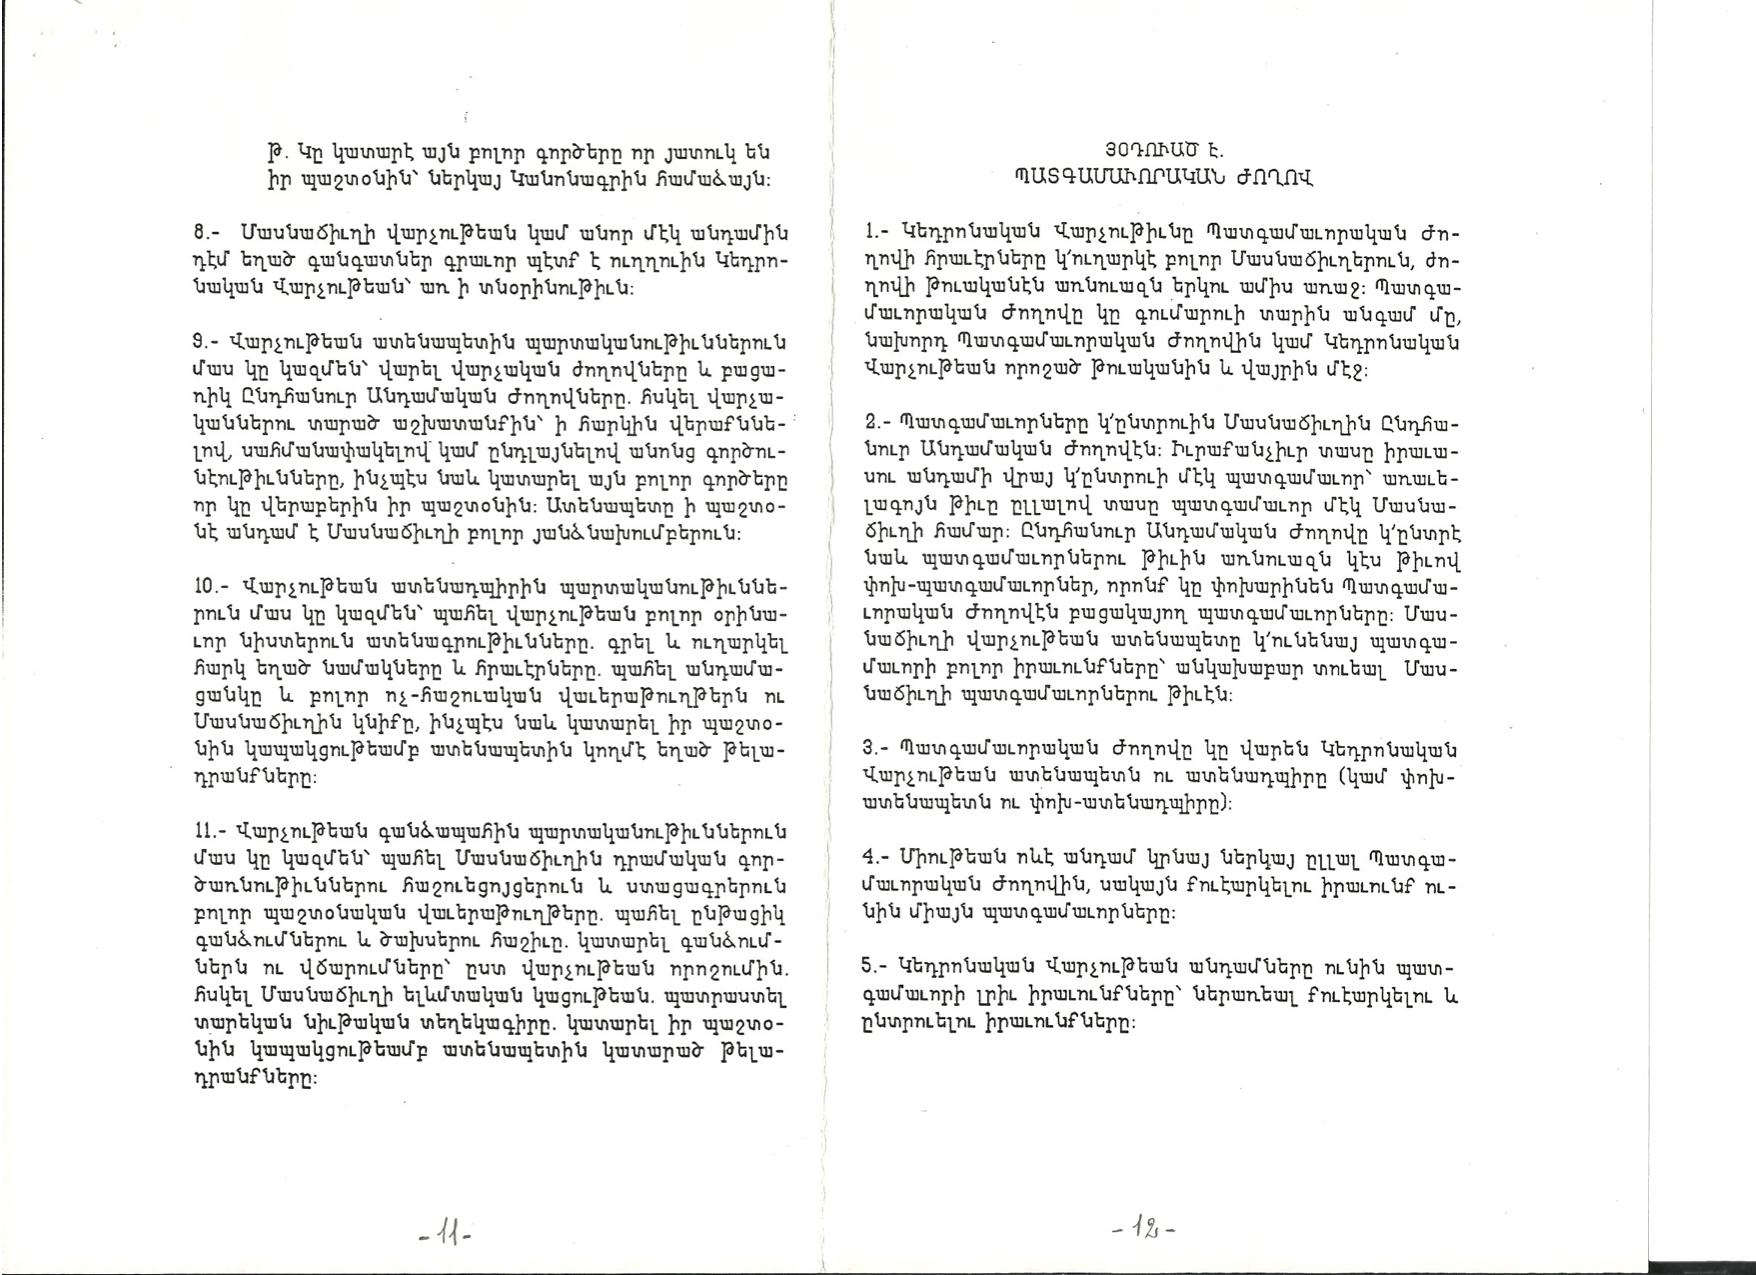 Կանոնագիր Թէքէեան Մշակ. Միութեան7.jpg